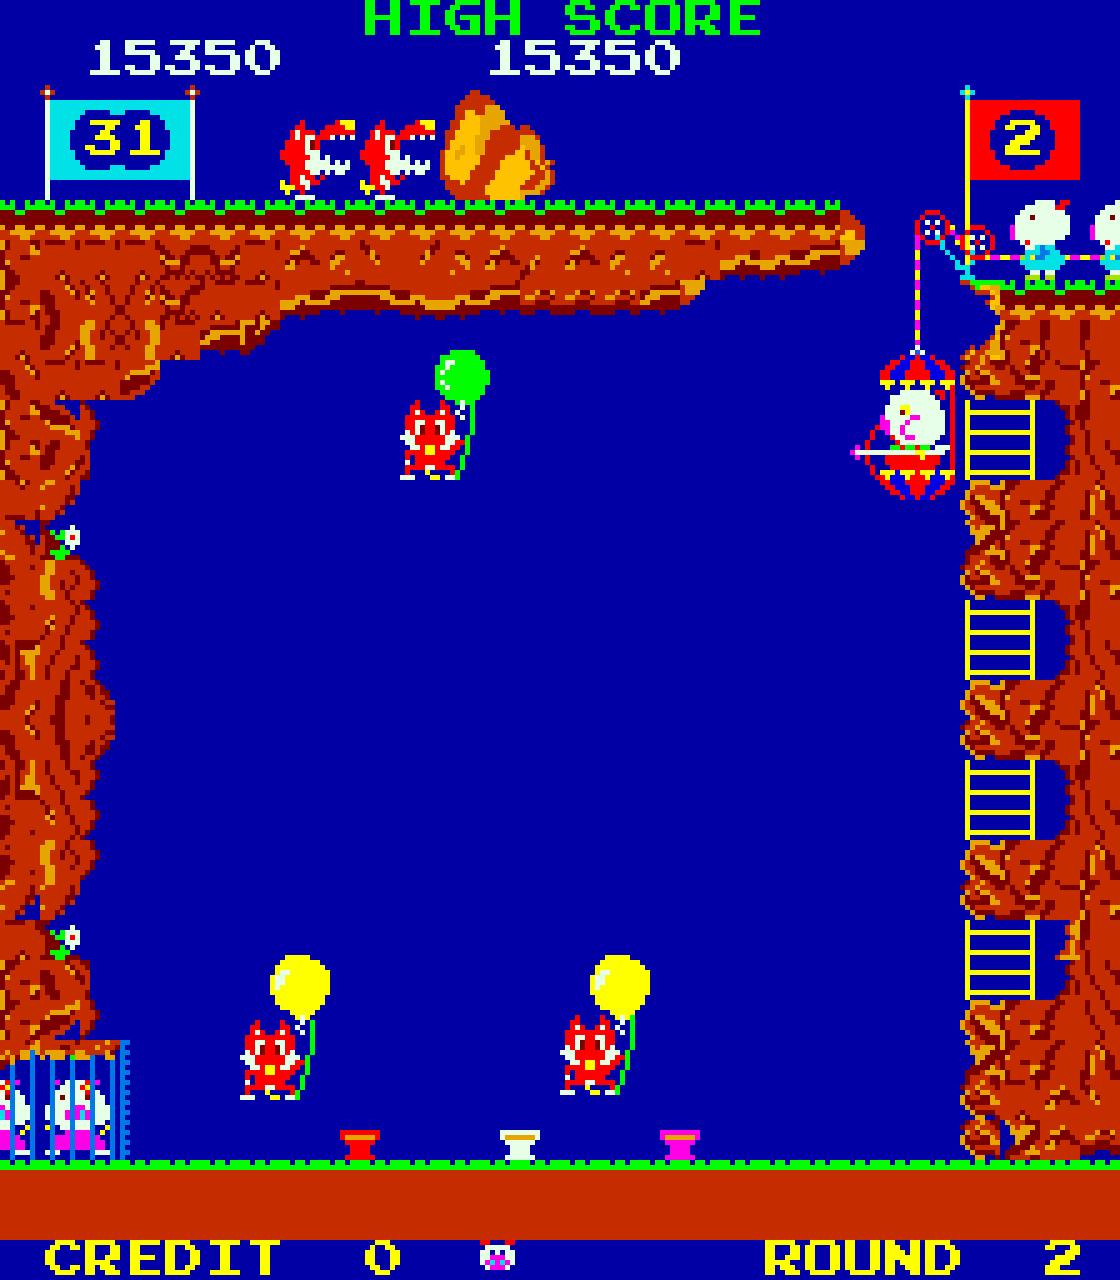 Pooyan ist ein unterschätzer Riesenspaß! Mit Pfeil und Bogen müssen die Ballons der Füchse getroffen werden, um die eigenen kleinen Schweinchen zu beschützen. (Bild: Konami)